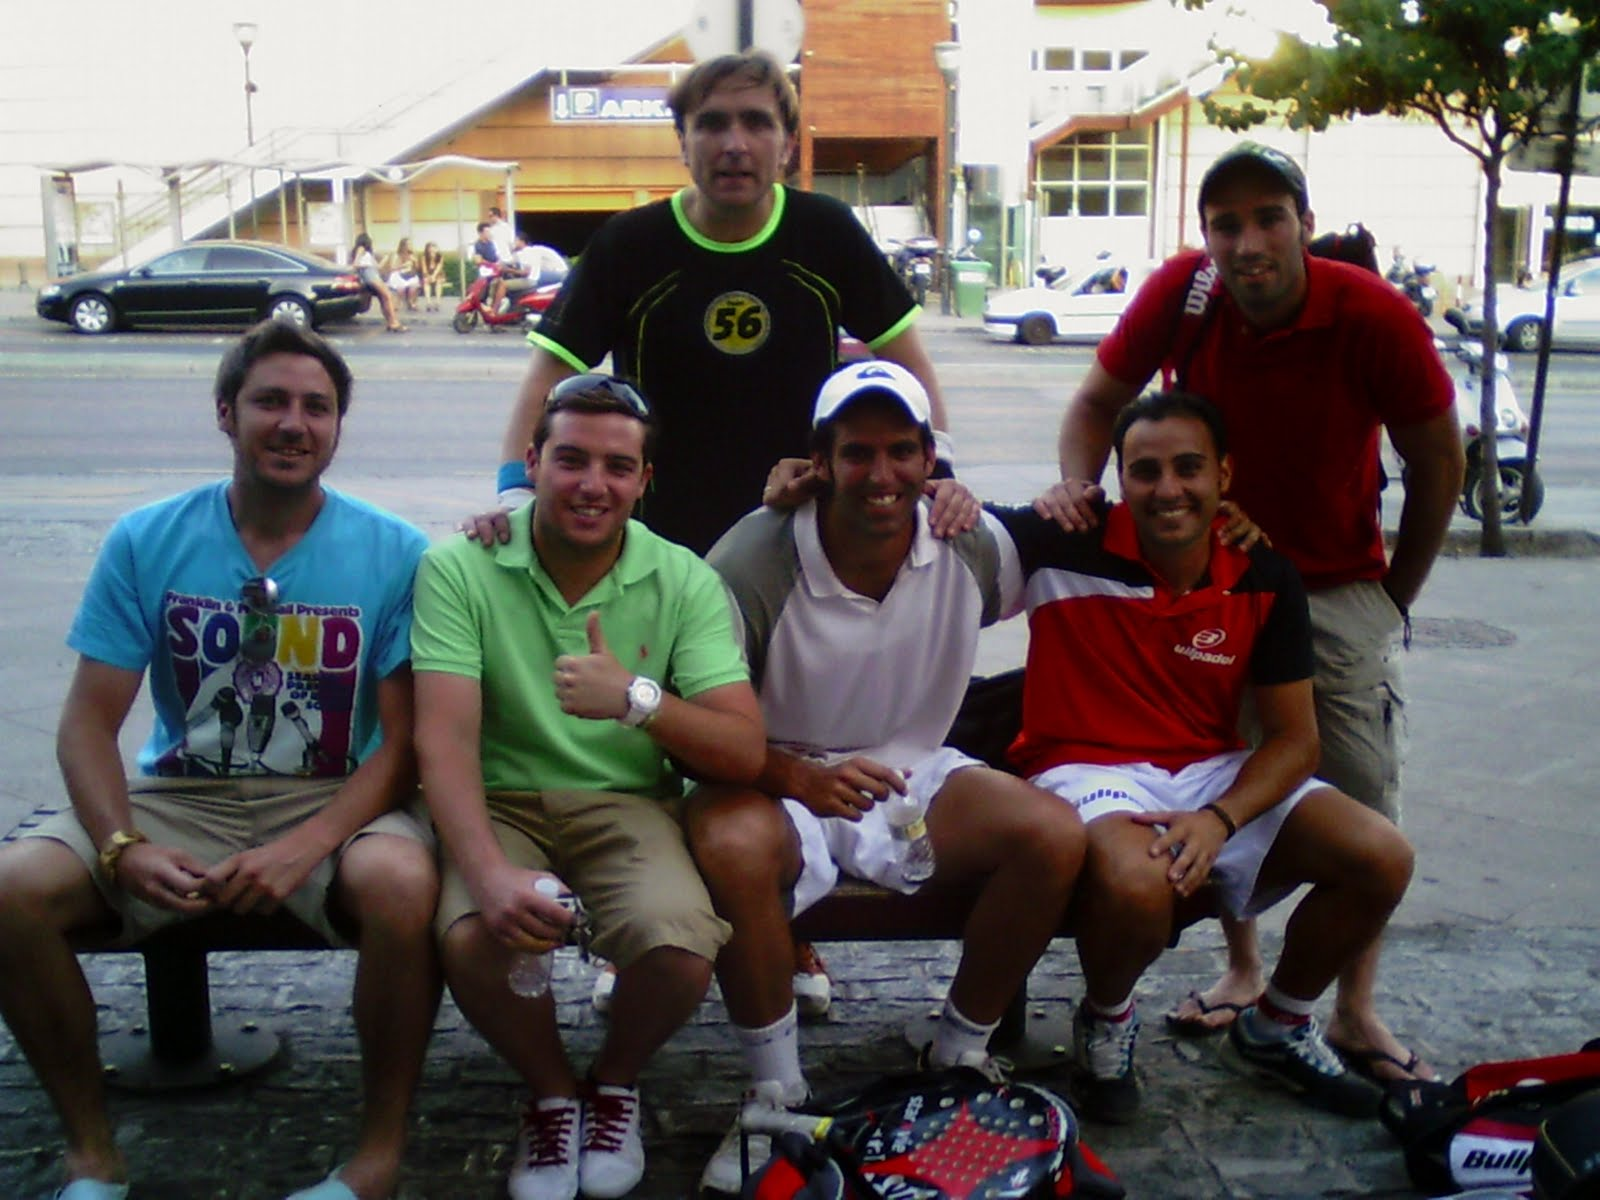 Raquetapala la real sociedad de tenis de granada se for Real sociedad hipica de granada piscina